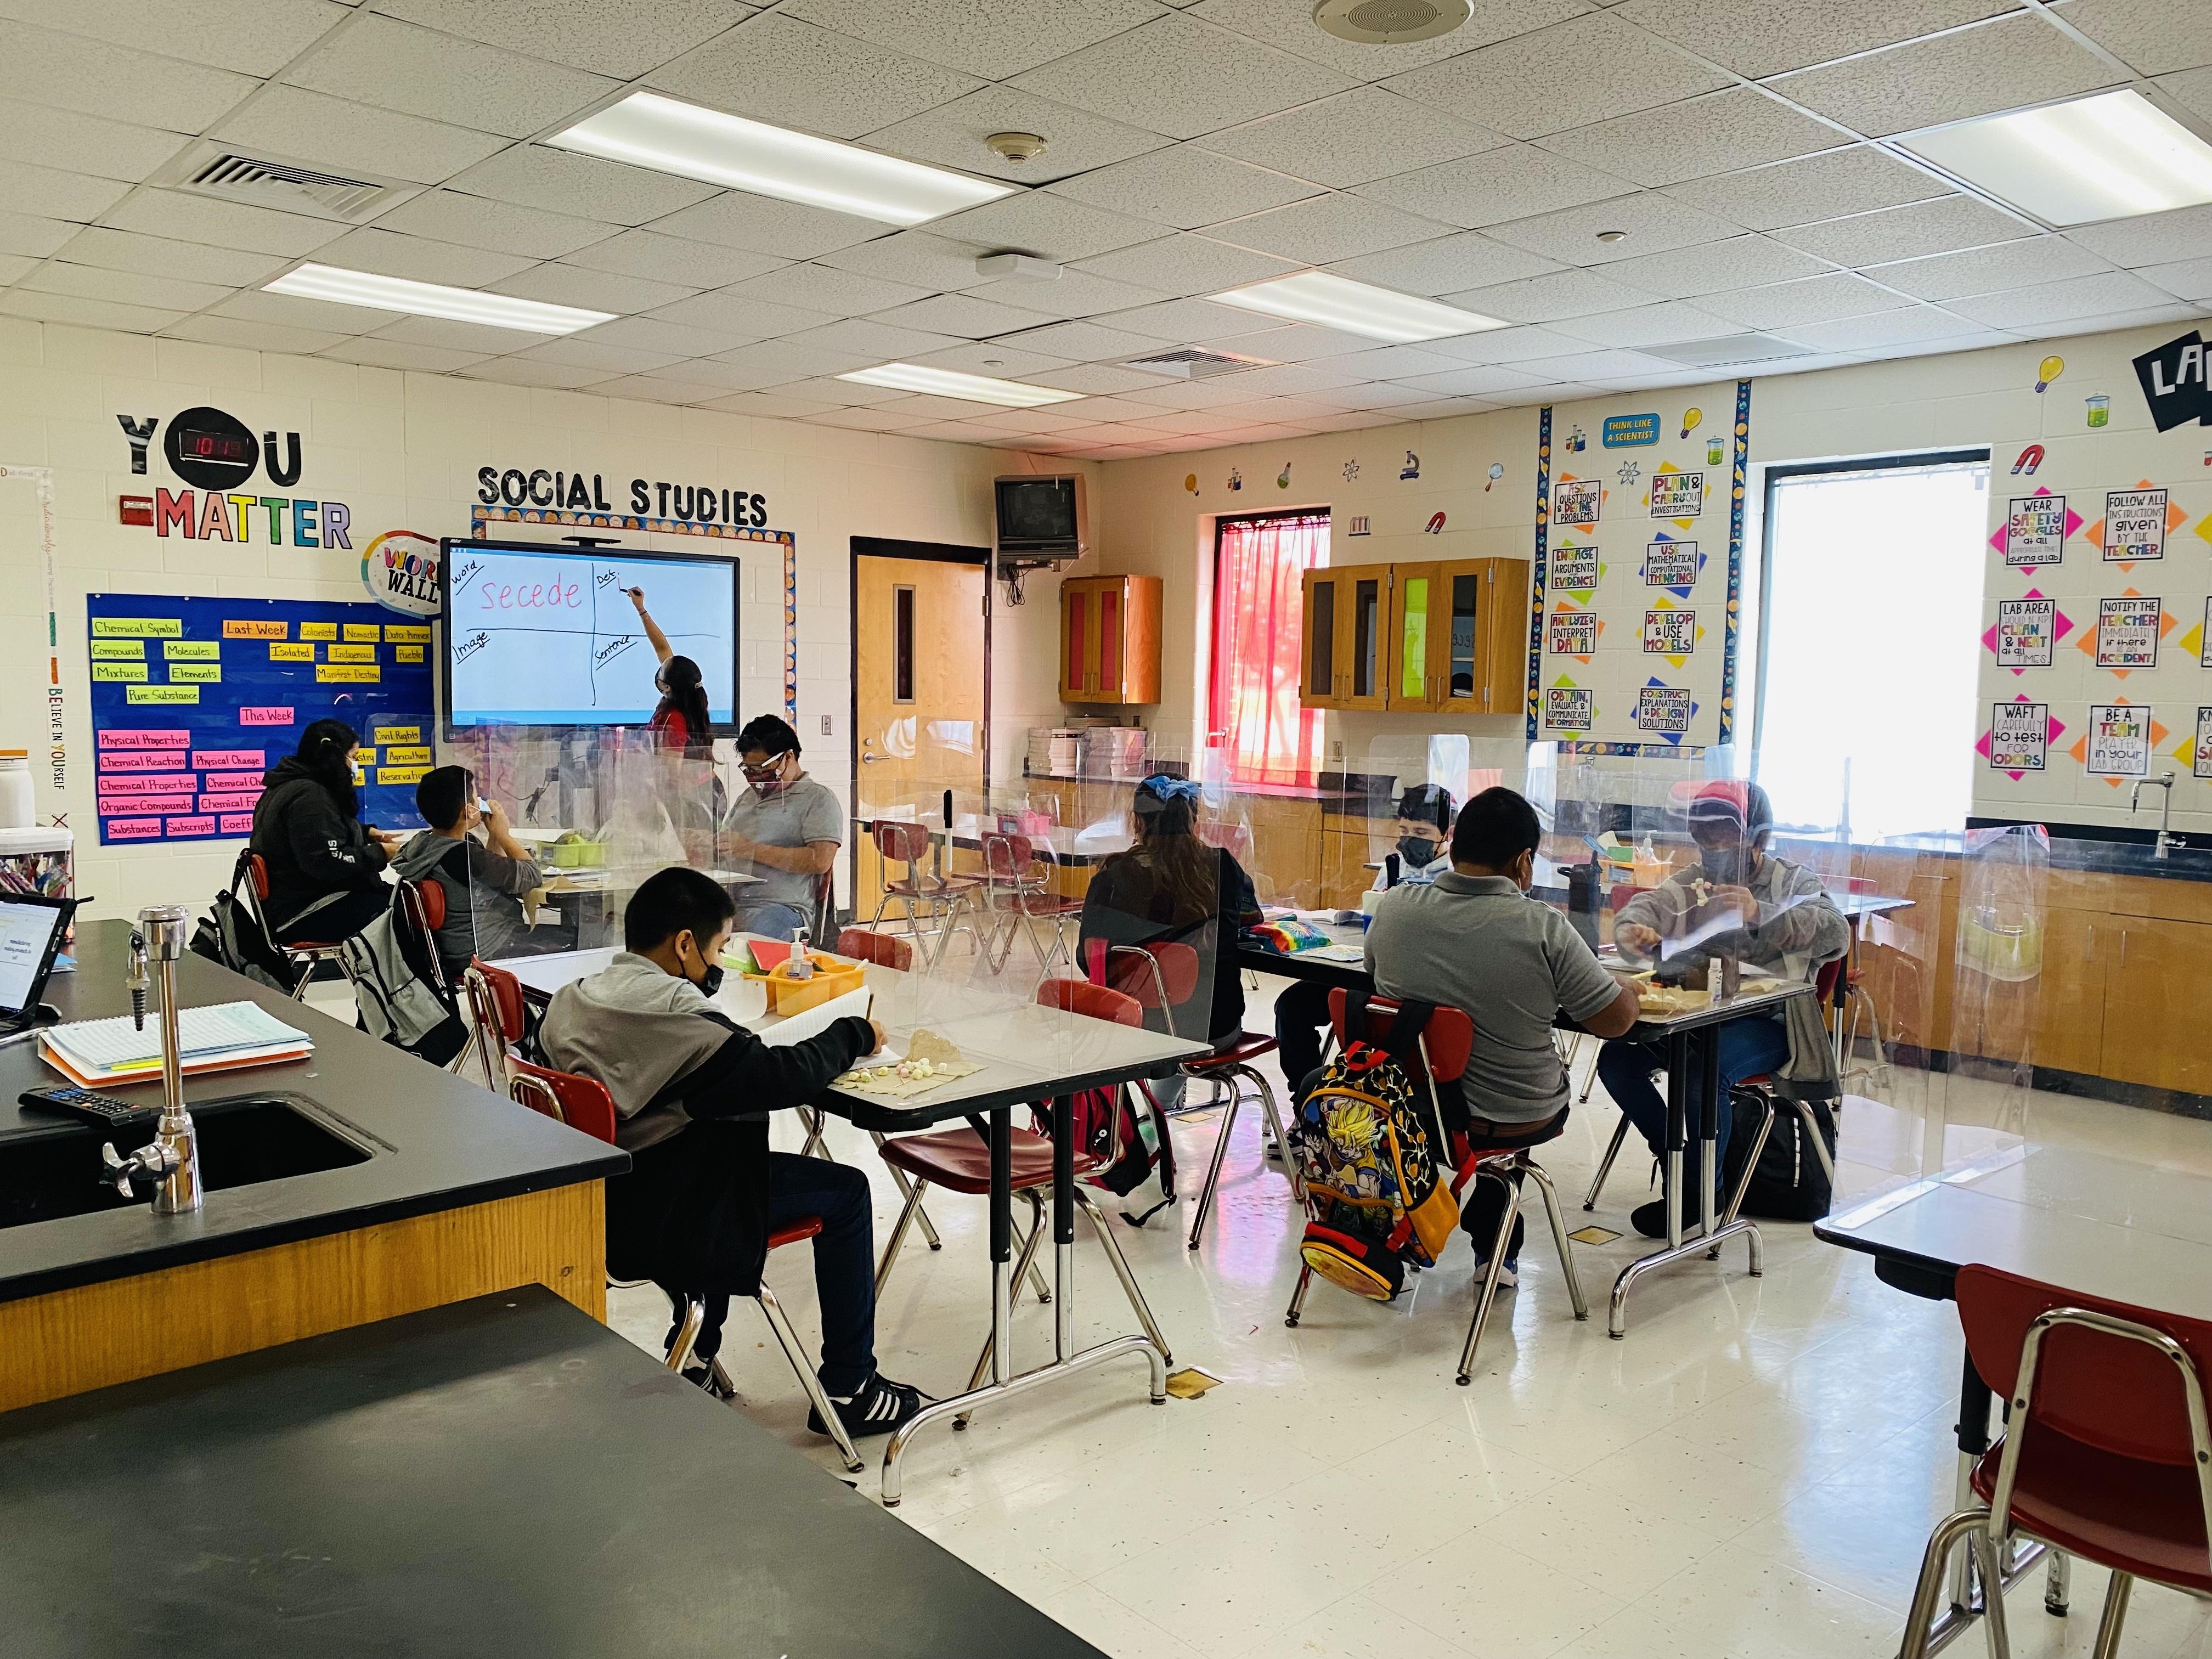 Ms. Anzaldua's Classroom